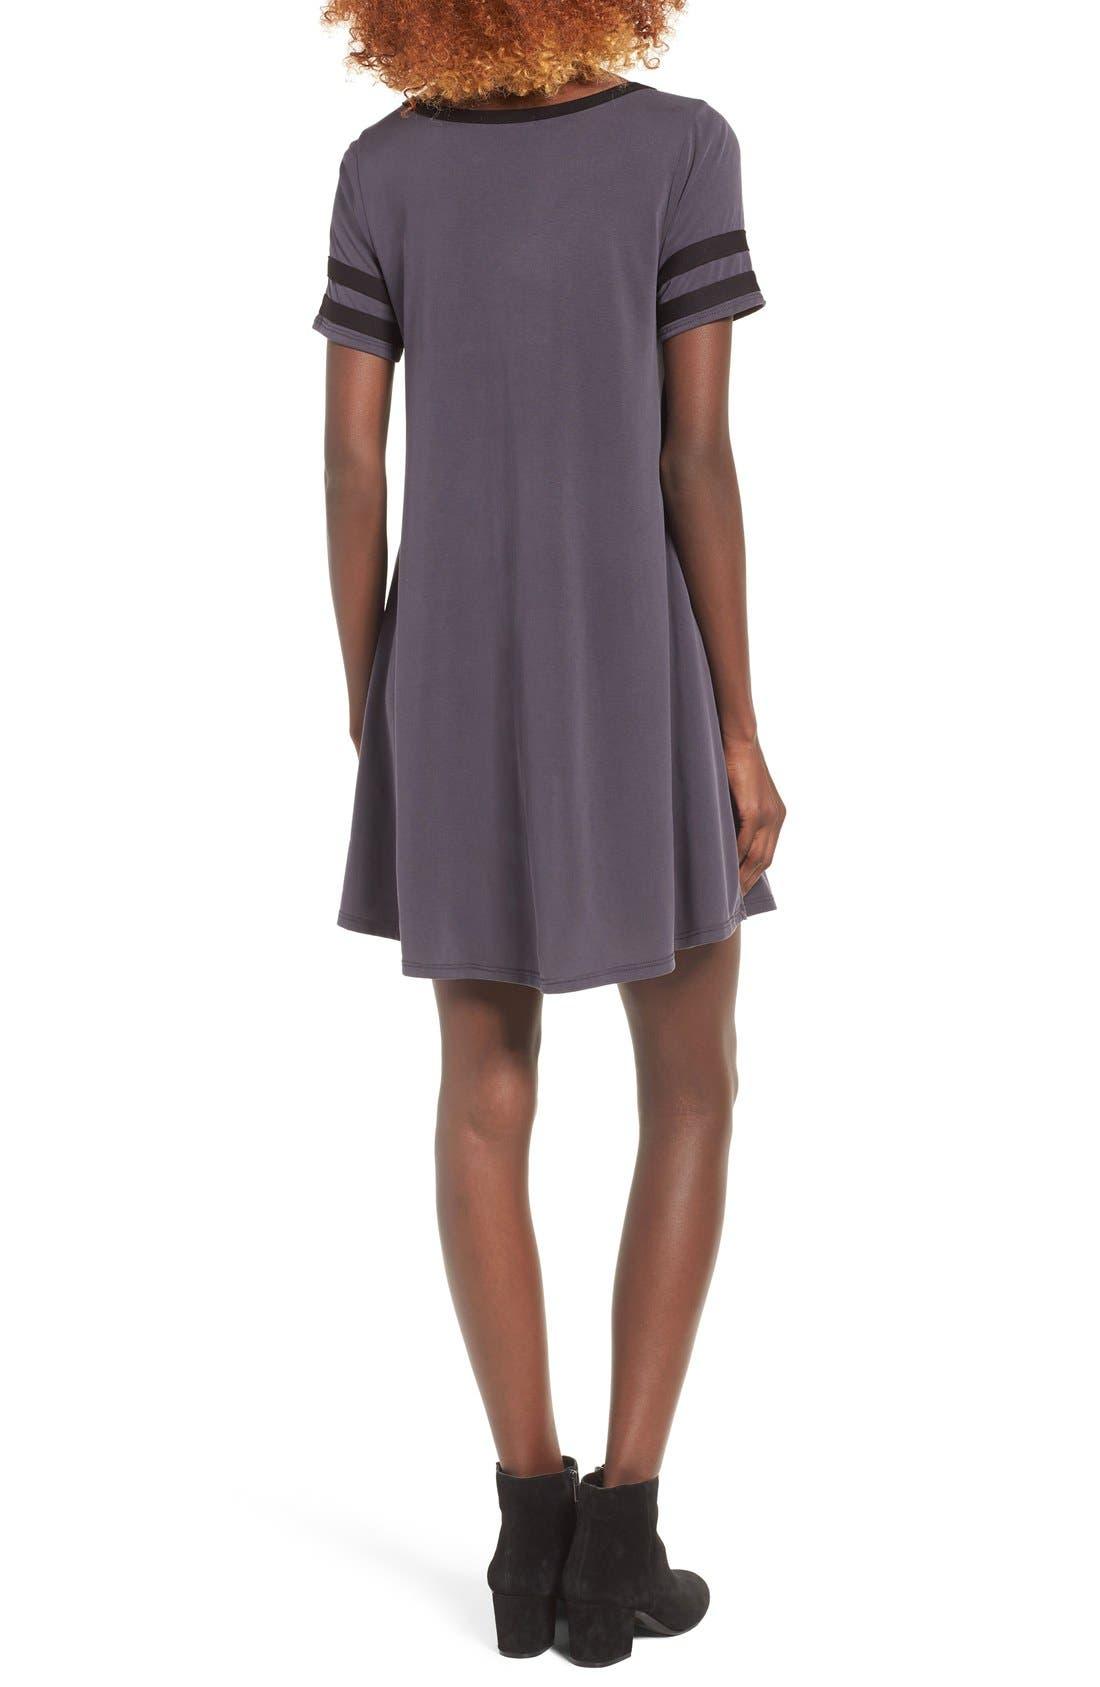 Alternate Image 3  - Socialite Varsity T-Shirt Dress